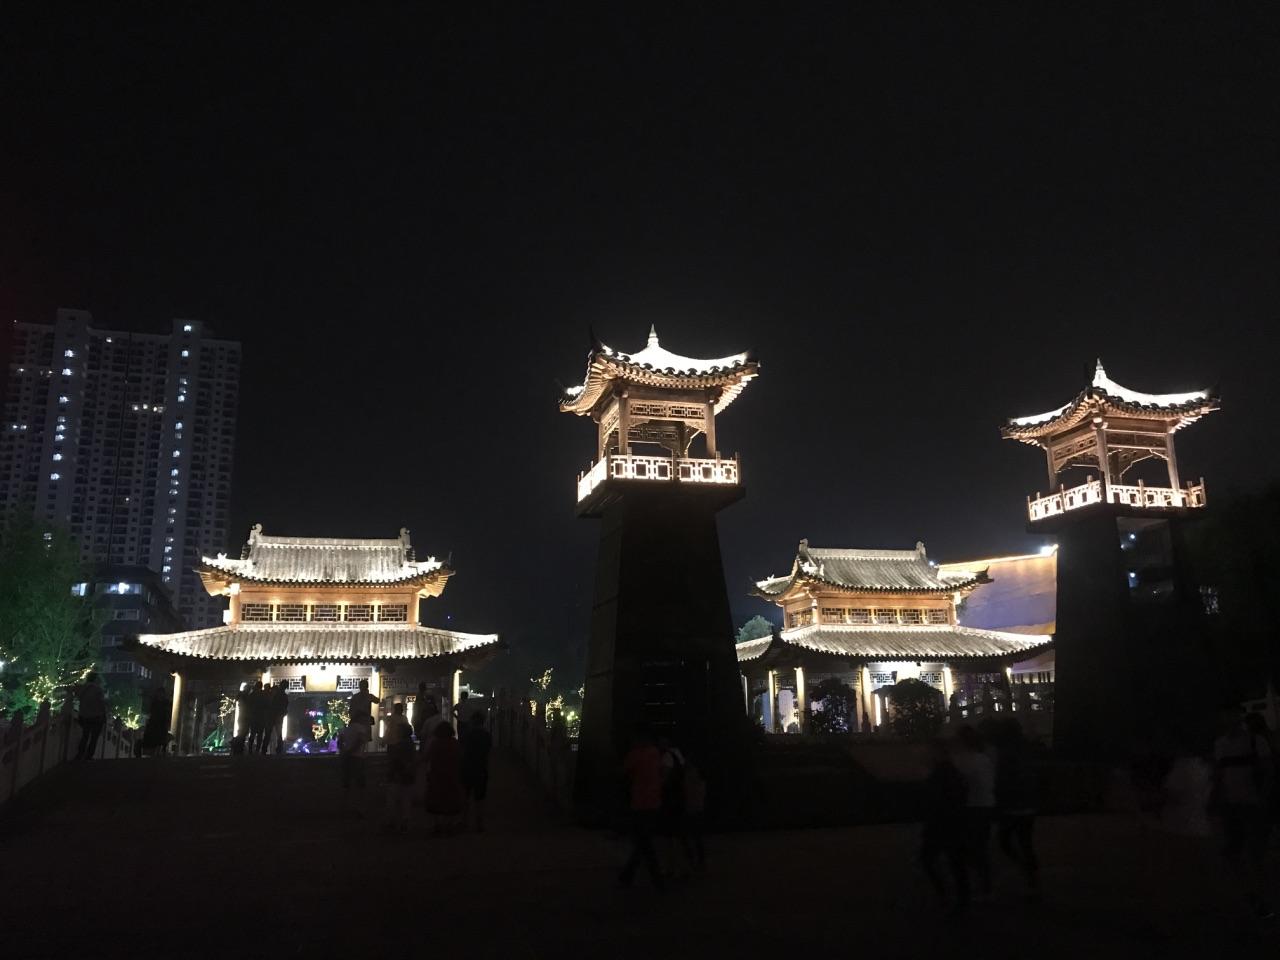 2019洛邑地址_旅游游记_炮灰_门票_攻略点评,洛阳旅游古城攻略完结图片